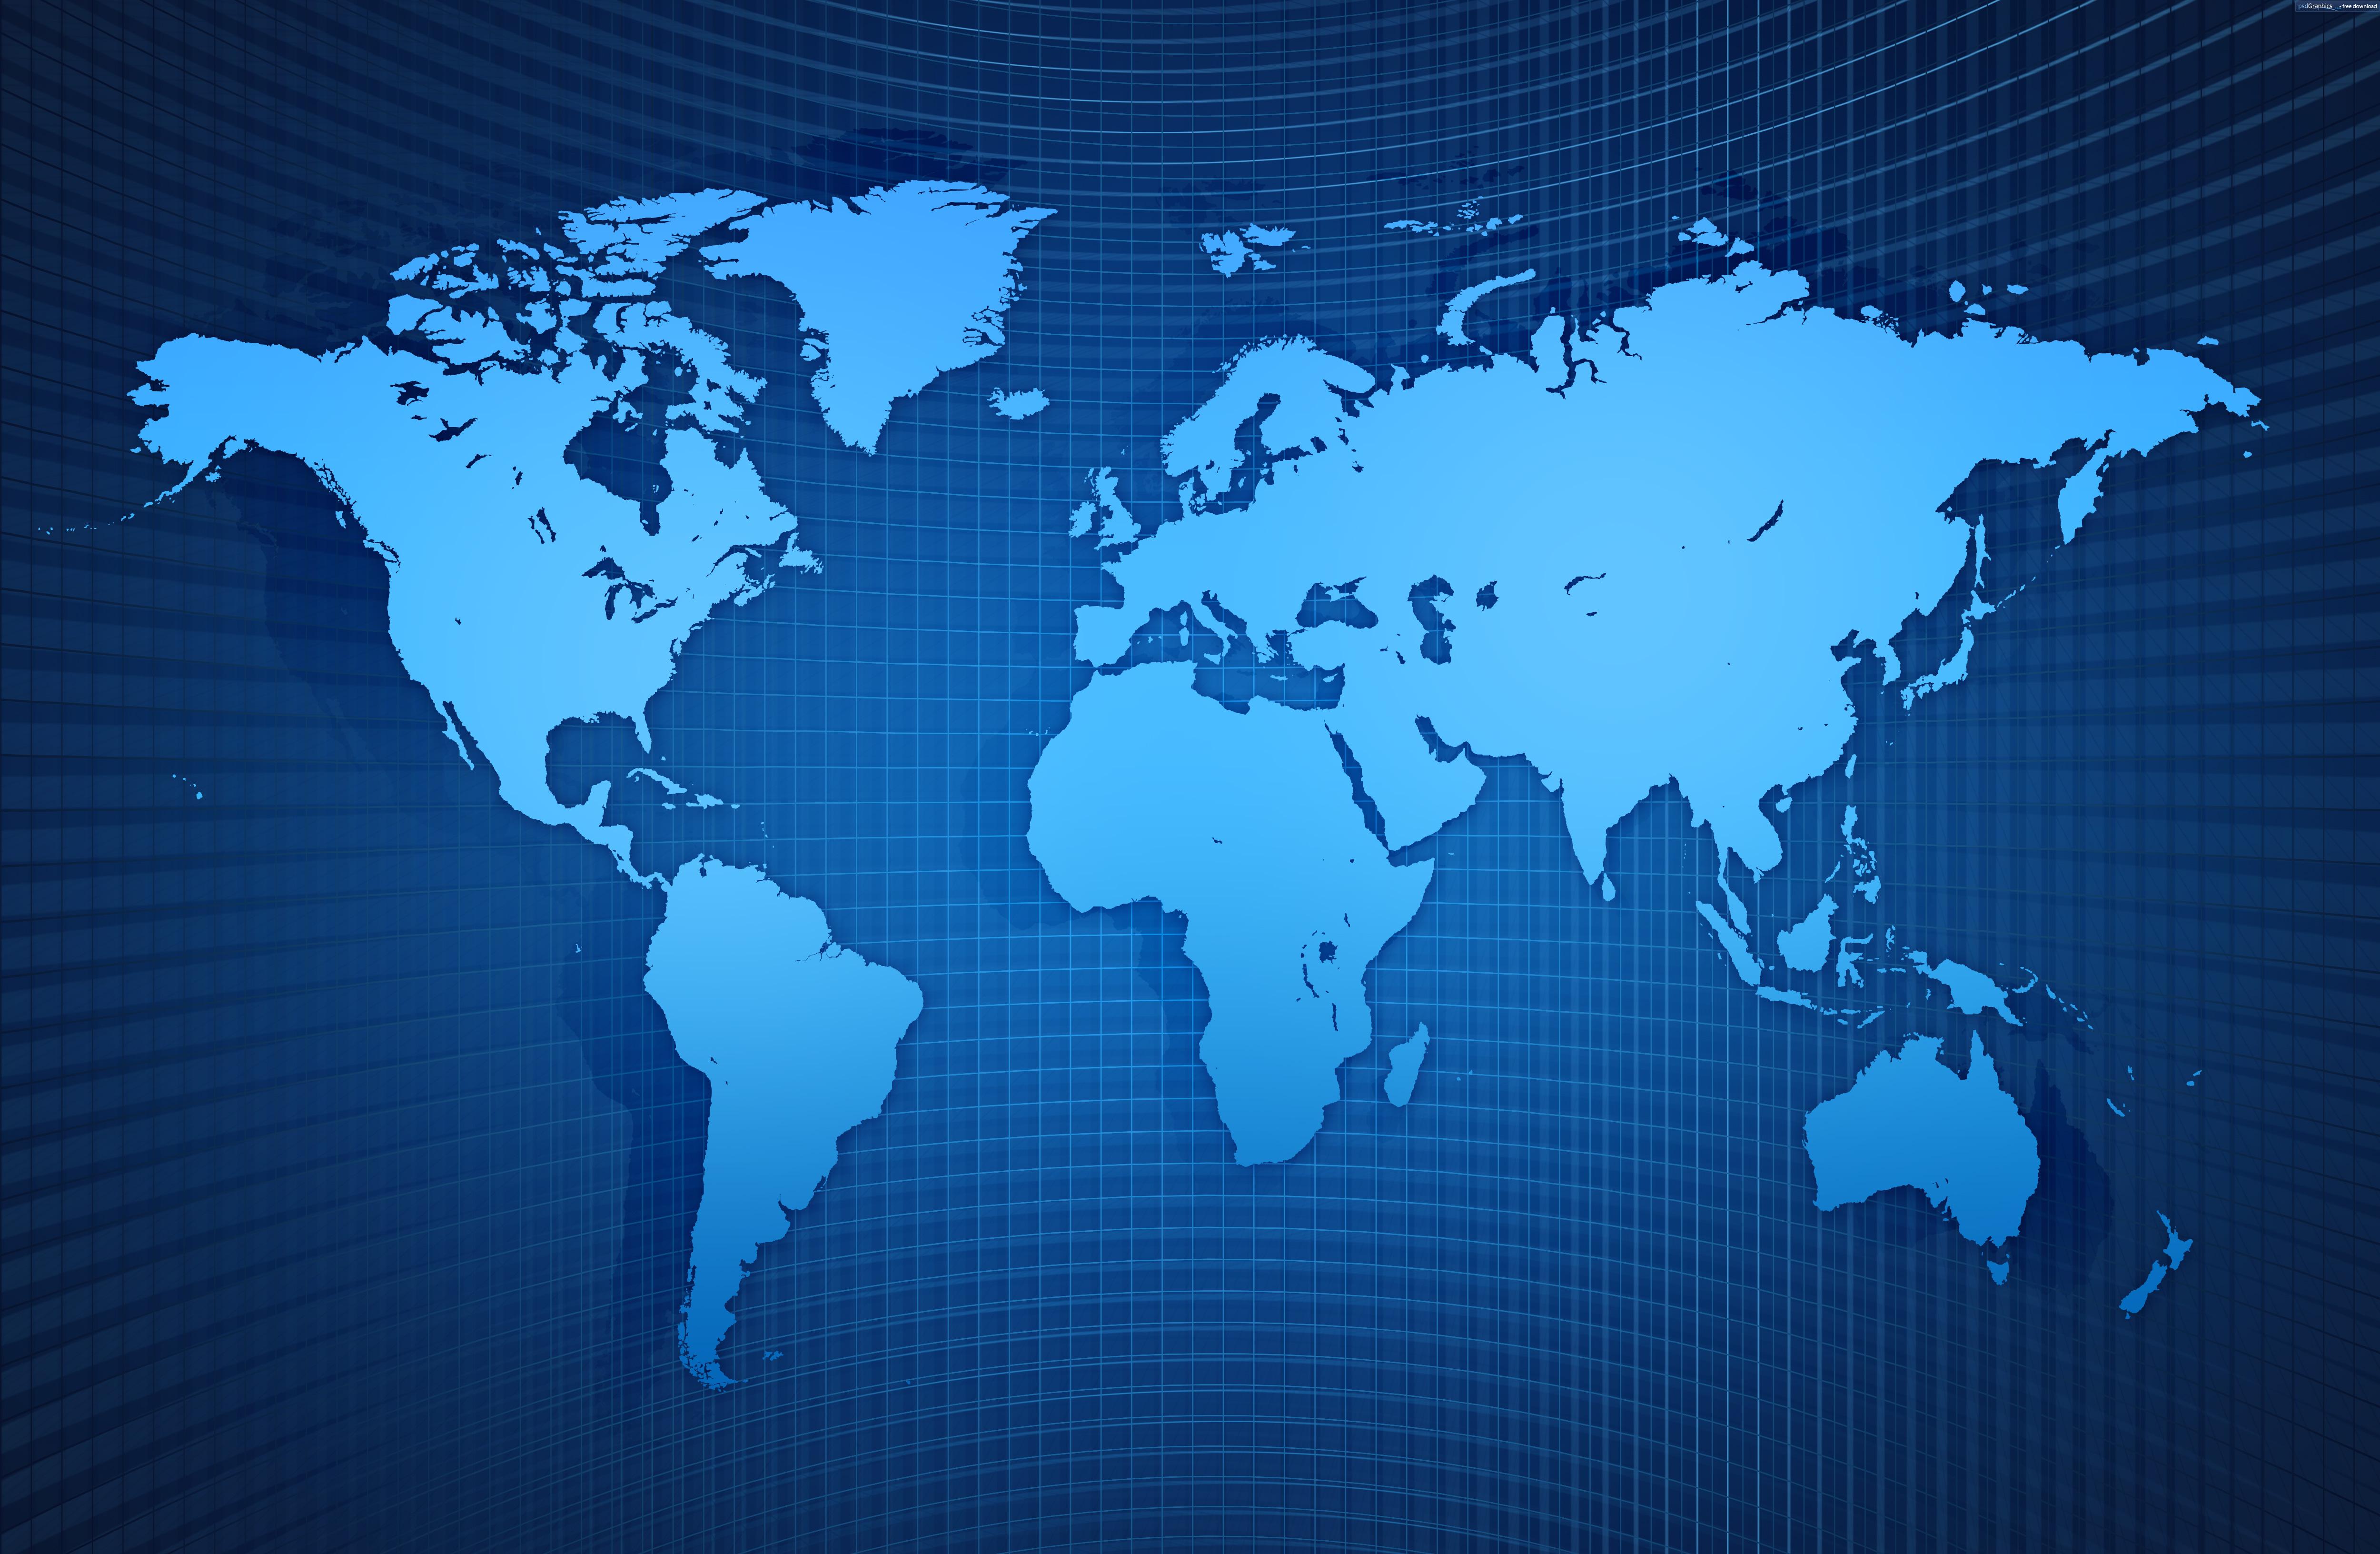 World Map Wallpaper HD 5000x3264